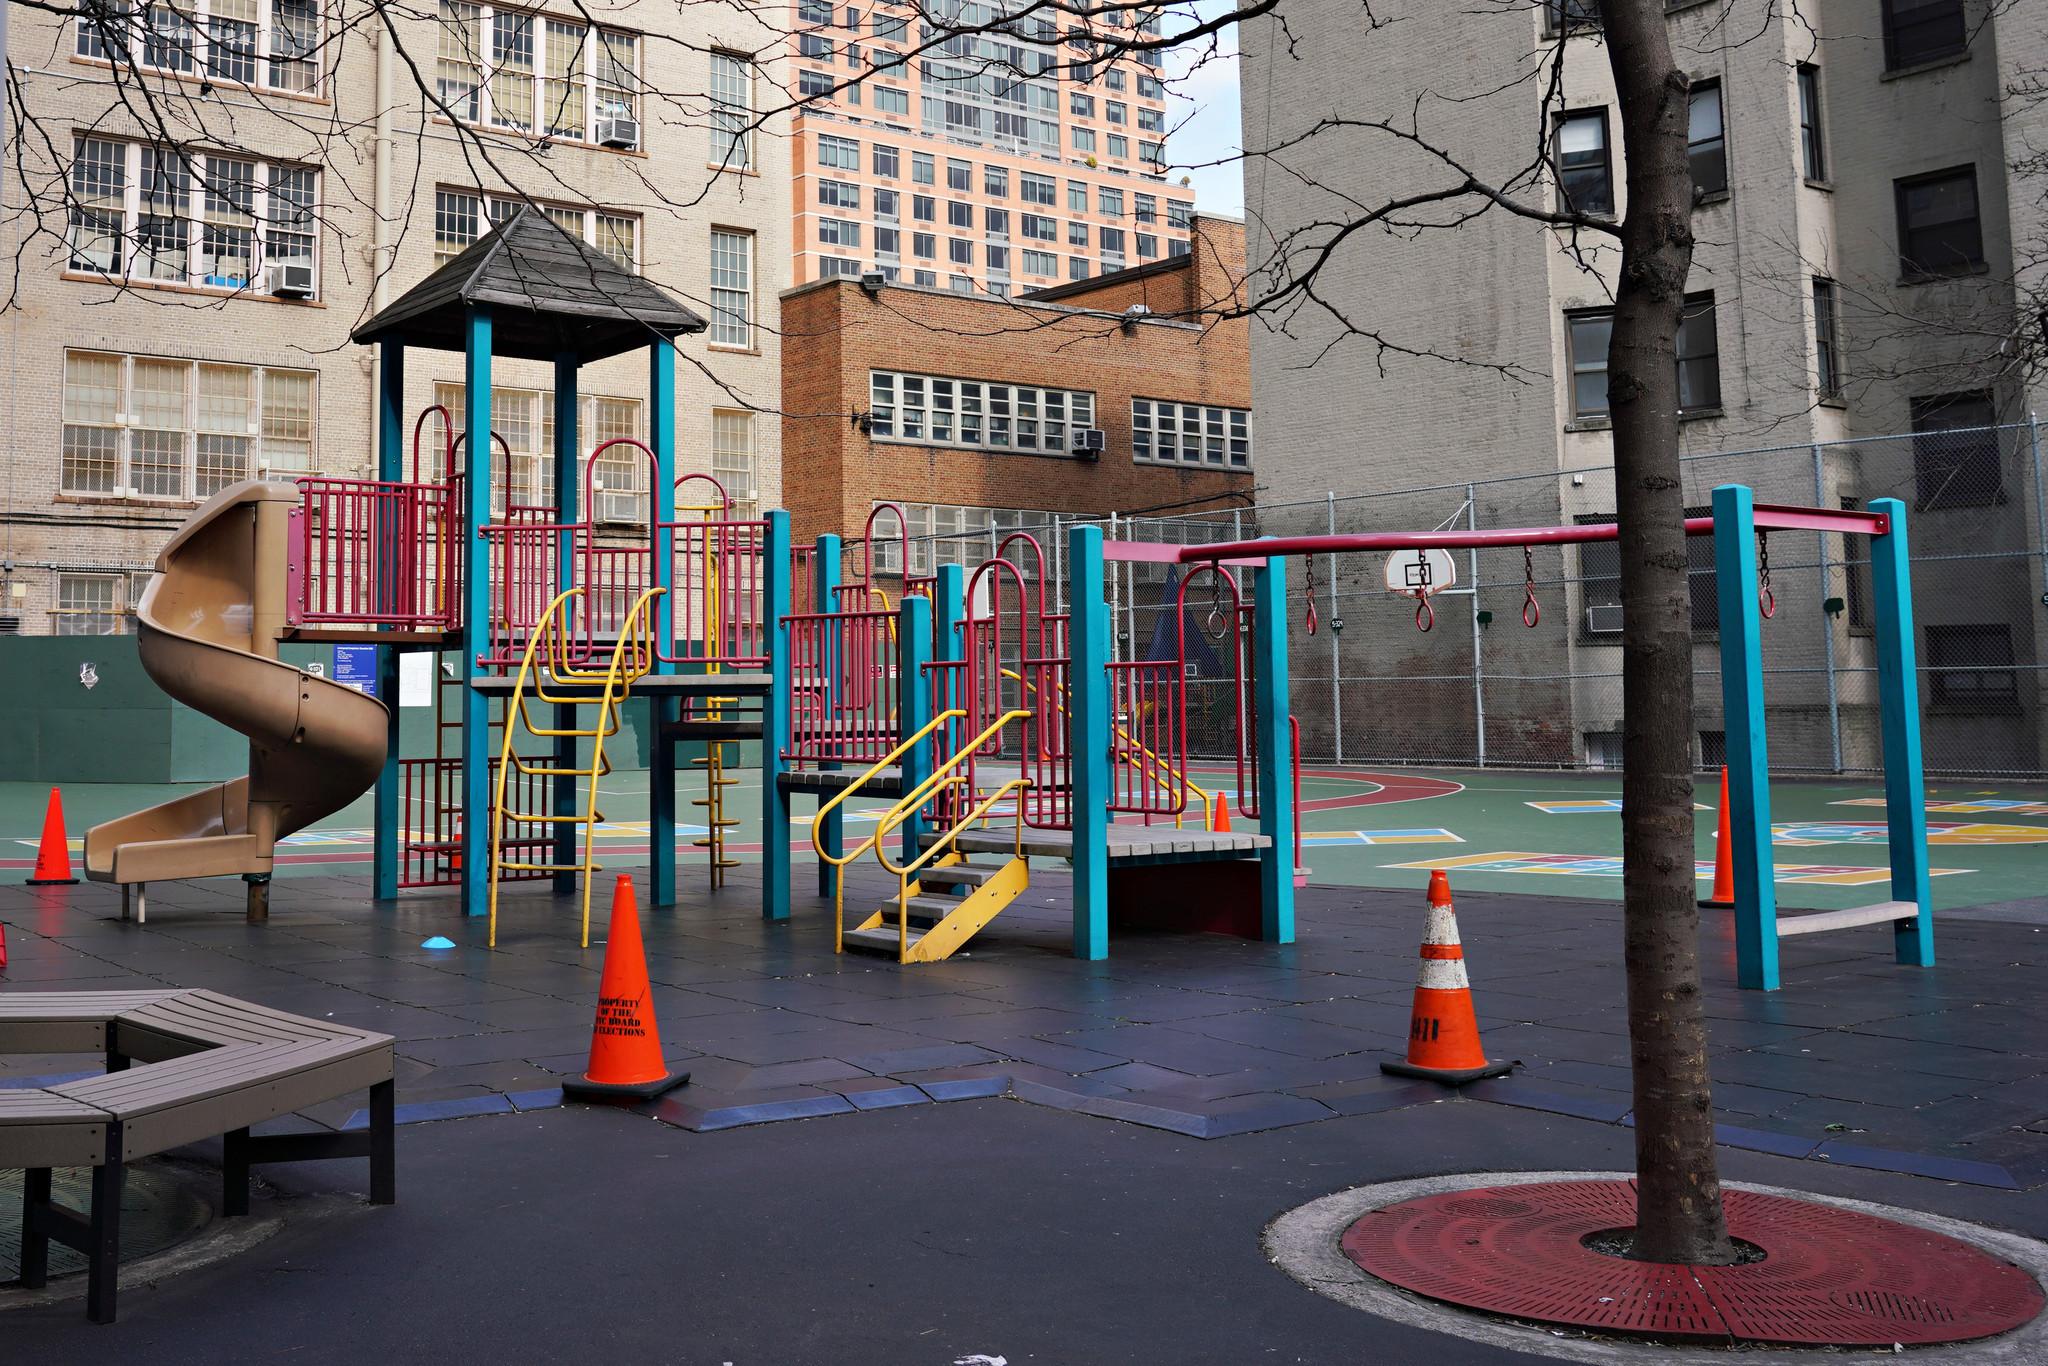 10 NYC playgrounds to close to stop coronavirus spread